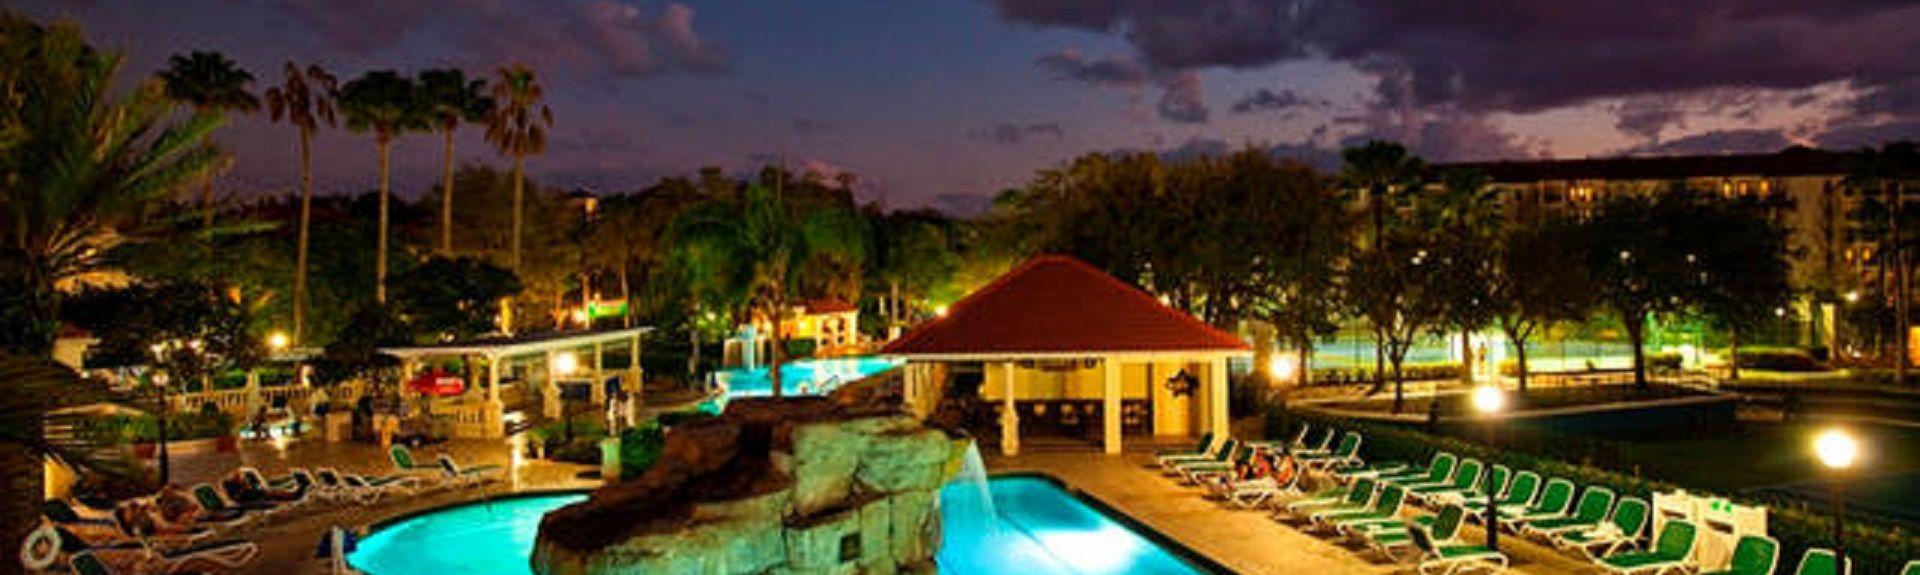 North Shore Golf Club (klub golfowy), Orlando, Floryda, Stany Zjednoczone